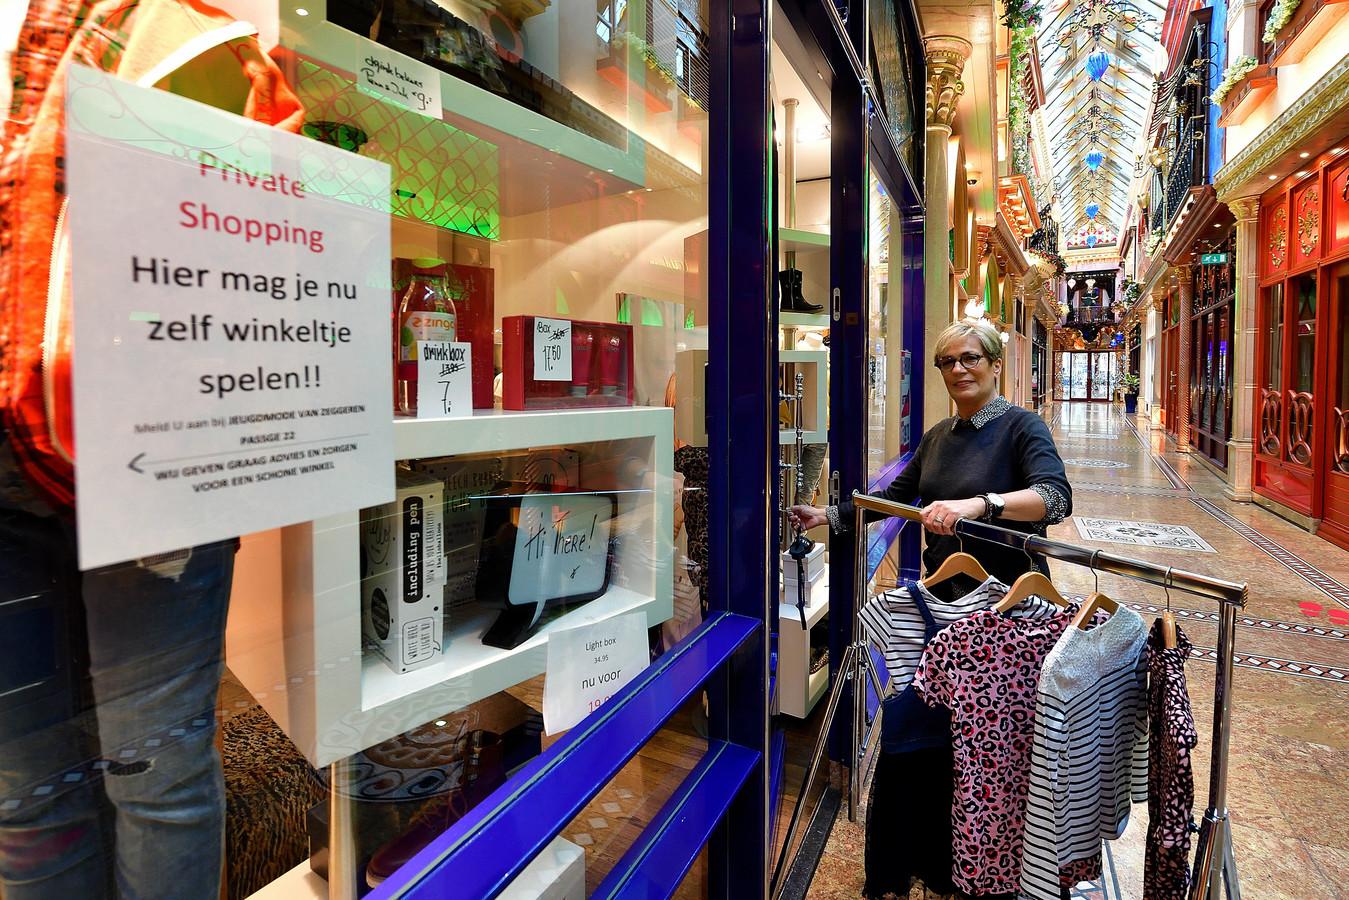 Jeugdmode Van Zeggeren in Roosendaal heeft aparte winkel voor bange klanten in de Passage. Eigenaresse Bernadette Stoop geeft aan klanten een kledingrekje mee en doet de deur van de winkel open voor klanten die private shopping willen.